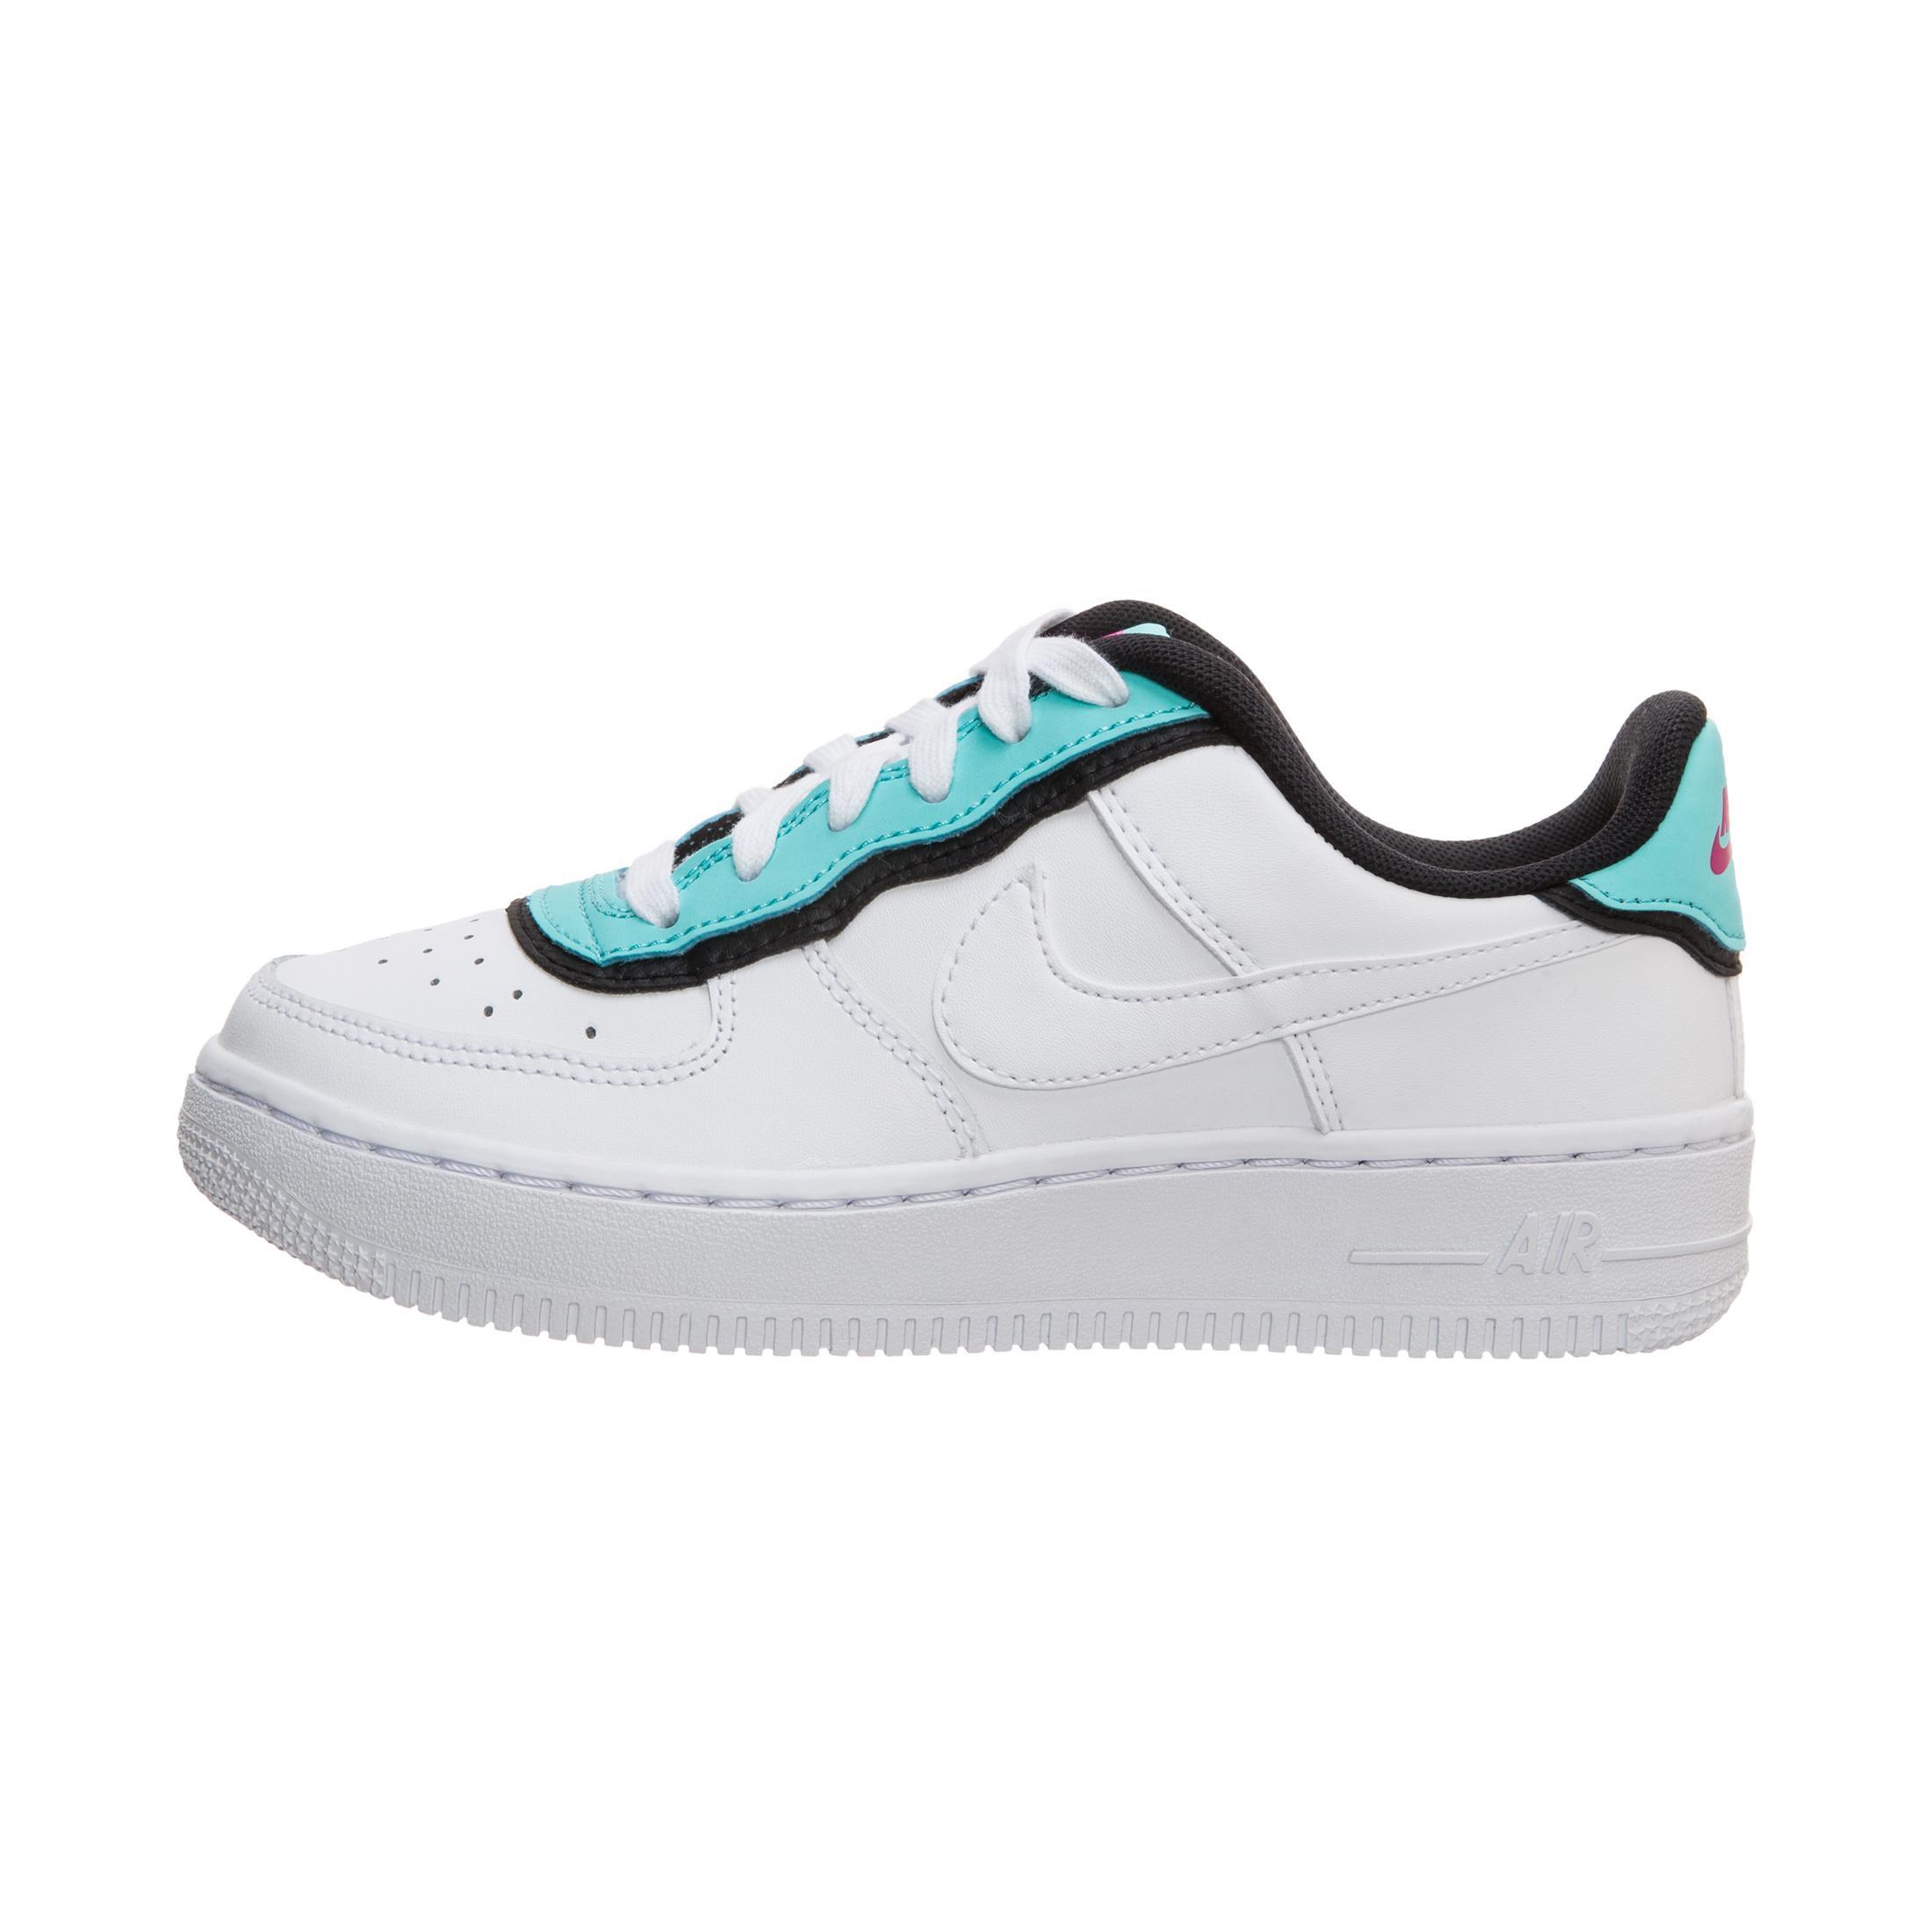 Nike Sportswear »Air Force 1 3« Sneaker, Abriebfeste Sohle für beste Traktion online kaufen | OTTO